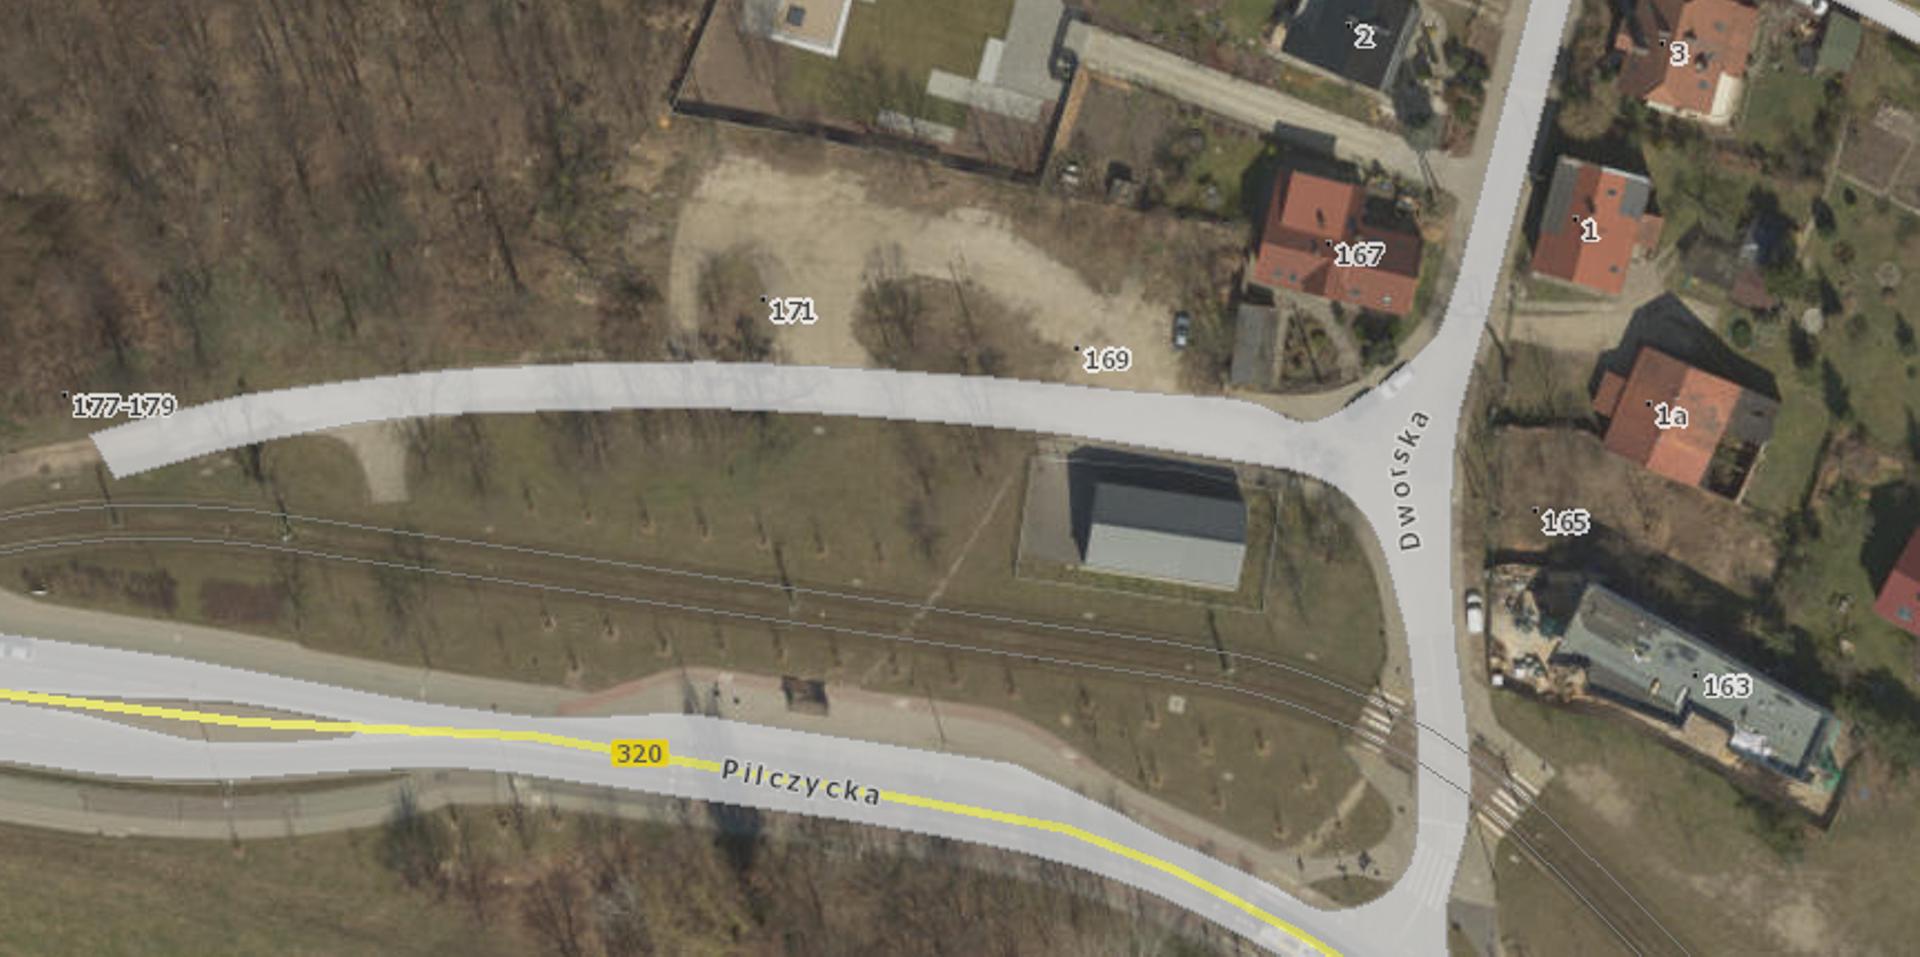 Wrocław: Nowy hotel w pobliżu Stadionu Miejskiego. Zbuduje go firma z branży IT